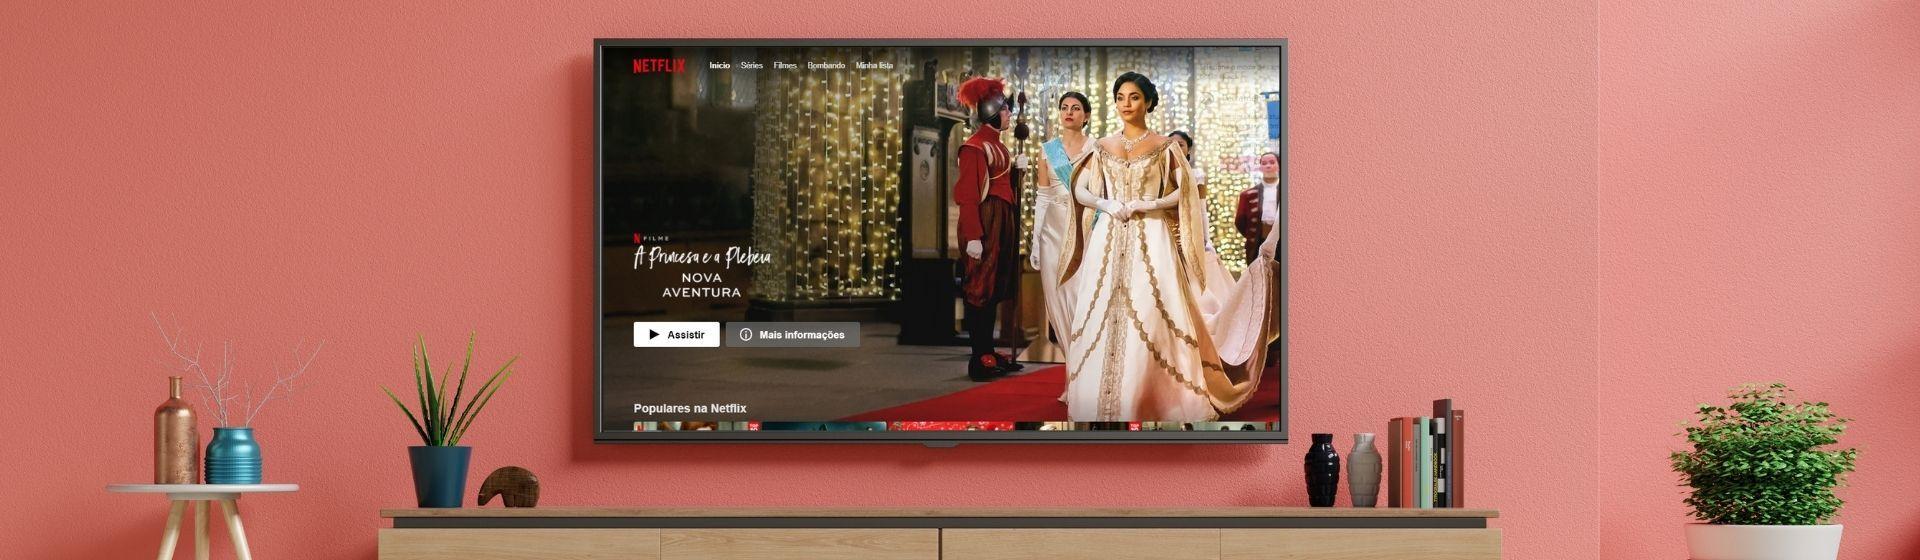 TVs mais vendidas em outubro 2020: Samsung TU8000 fica, novamente, em primeiro lugar